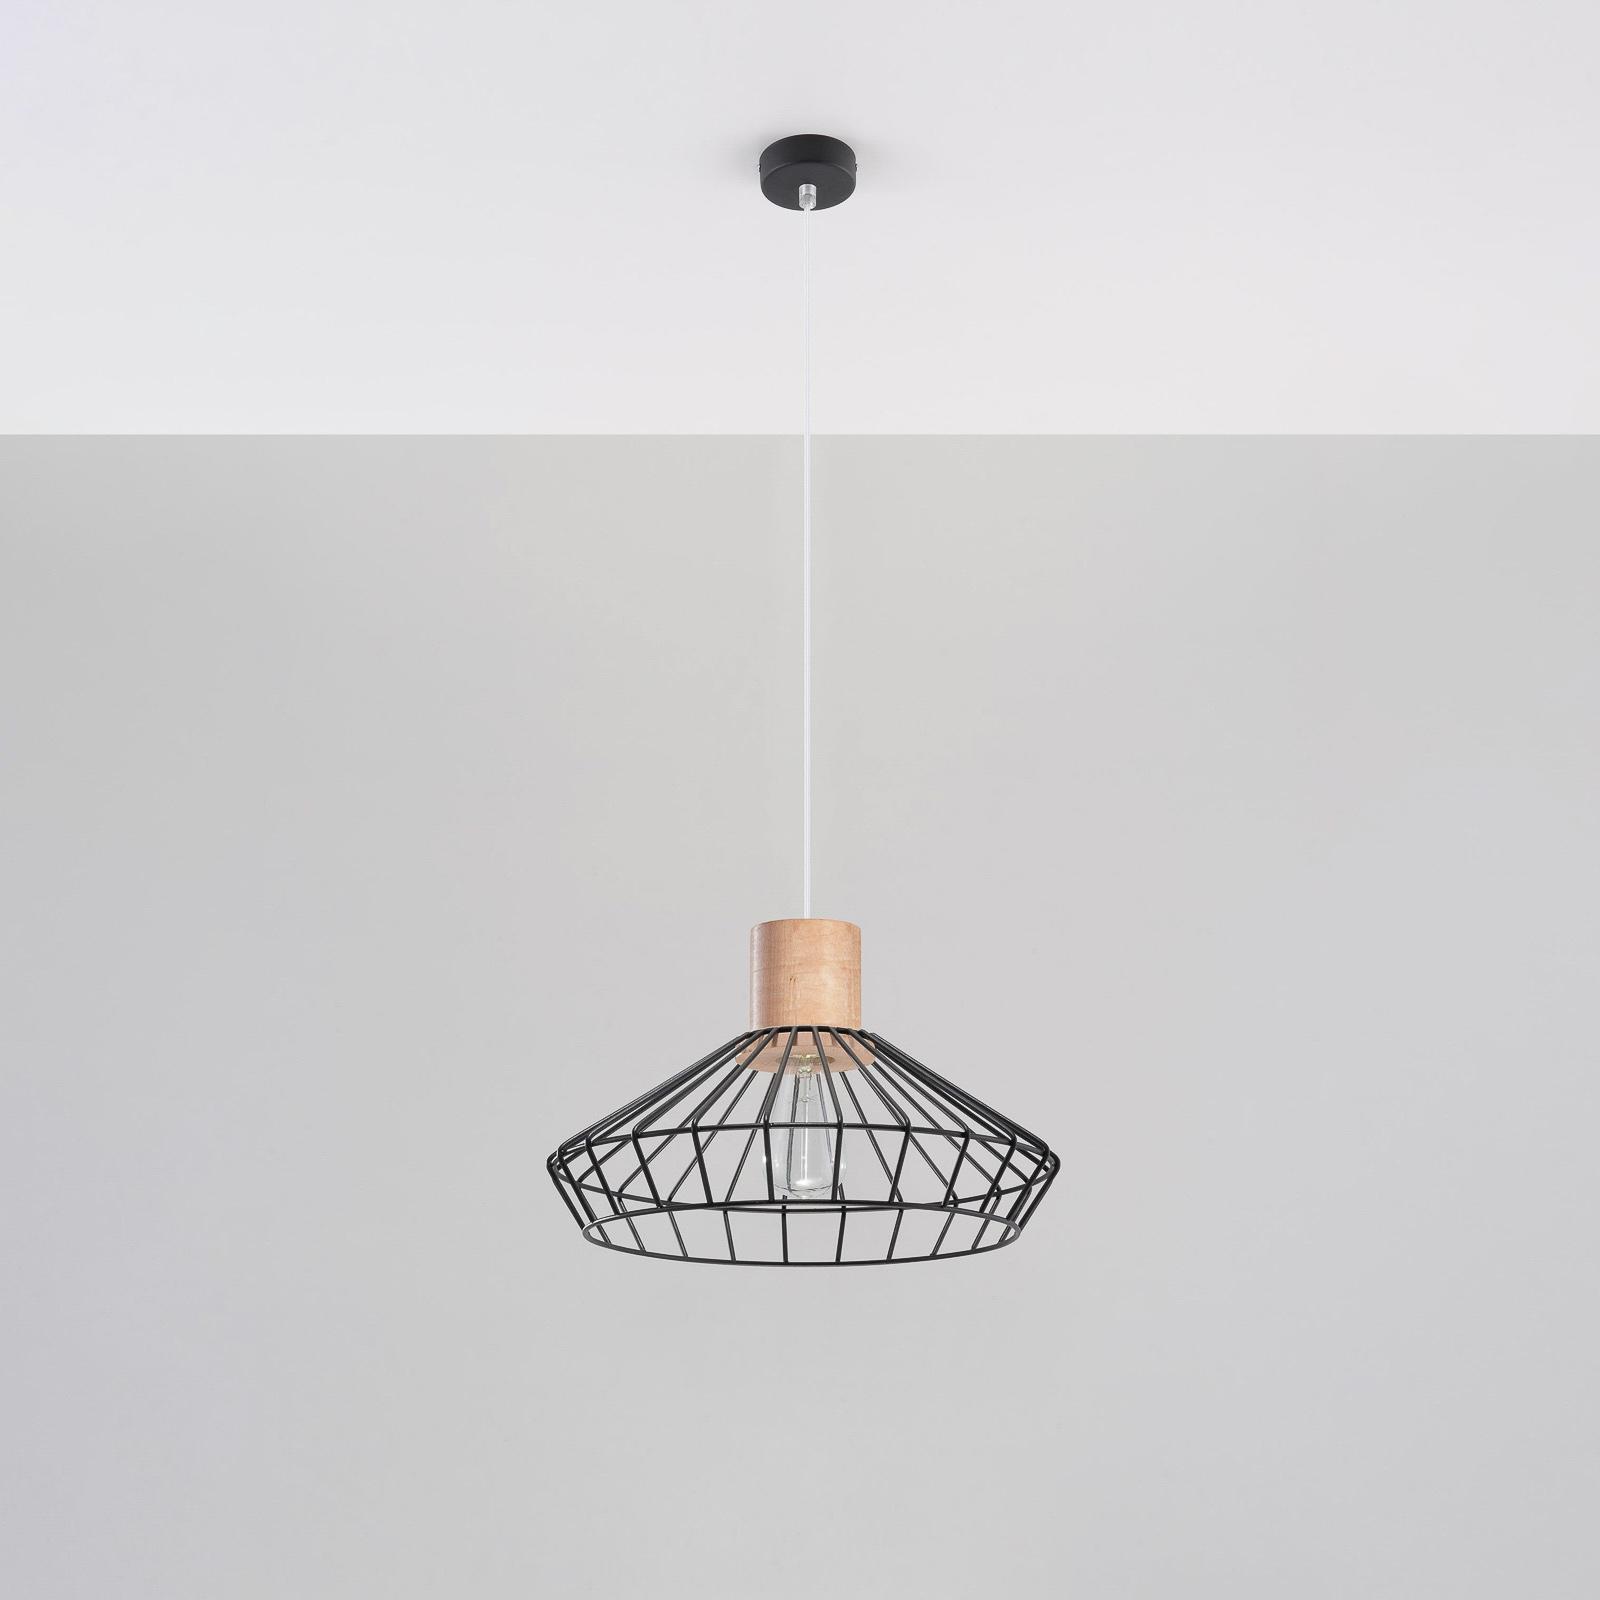 Lampa wisząca Grid, kratowy klosz, drewno, Ø 37 cm